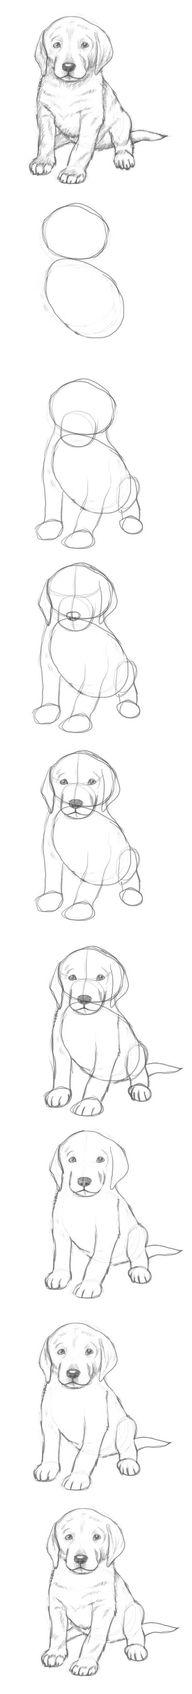 31 hund zeichnen einfach  besten bilder von ausmalbilder